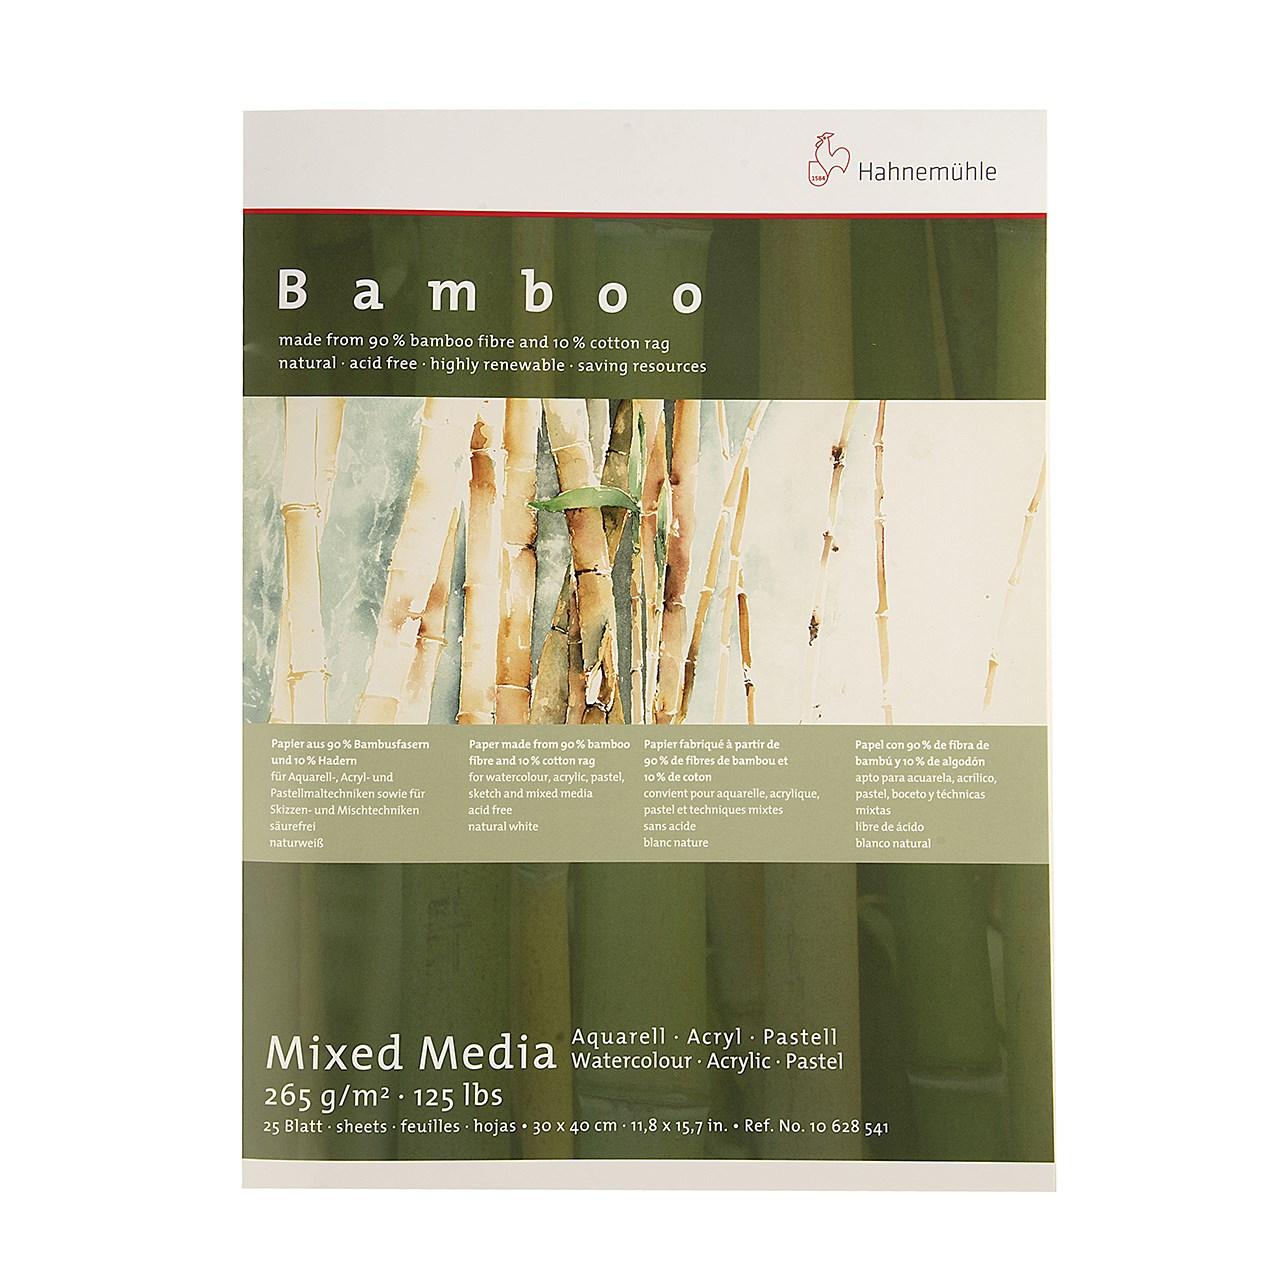 بوم آبرنگ دفترچهای هانه موله مدل Bamboo سایز 40 × 30 سانتیمتر 25 برگ